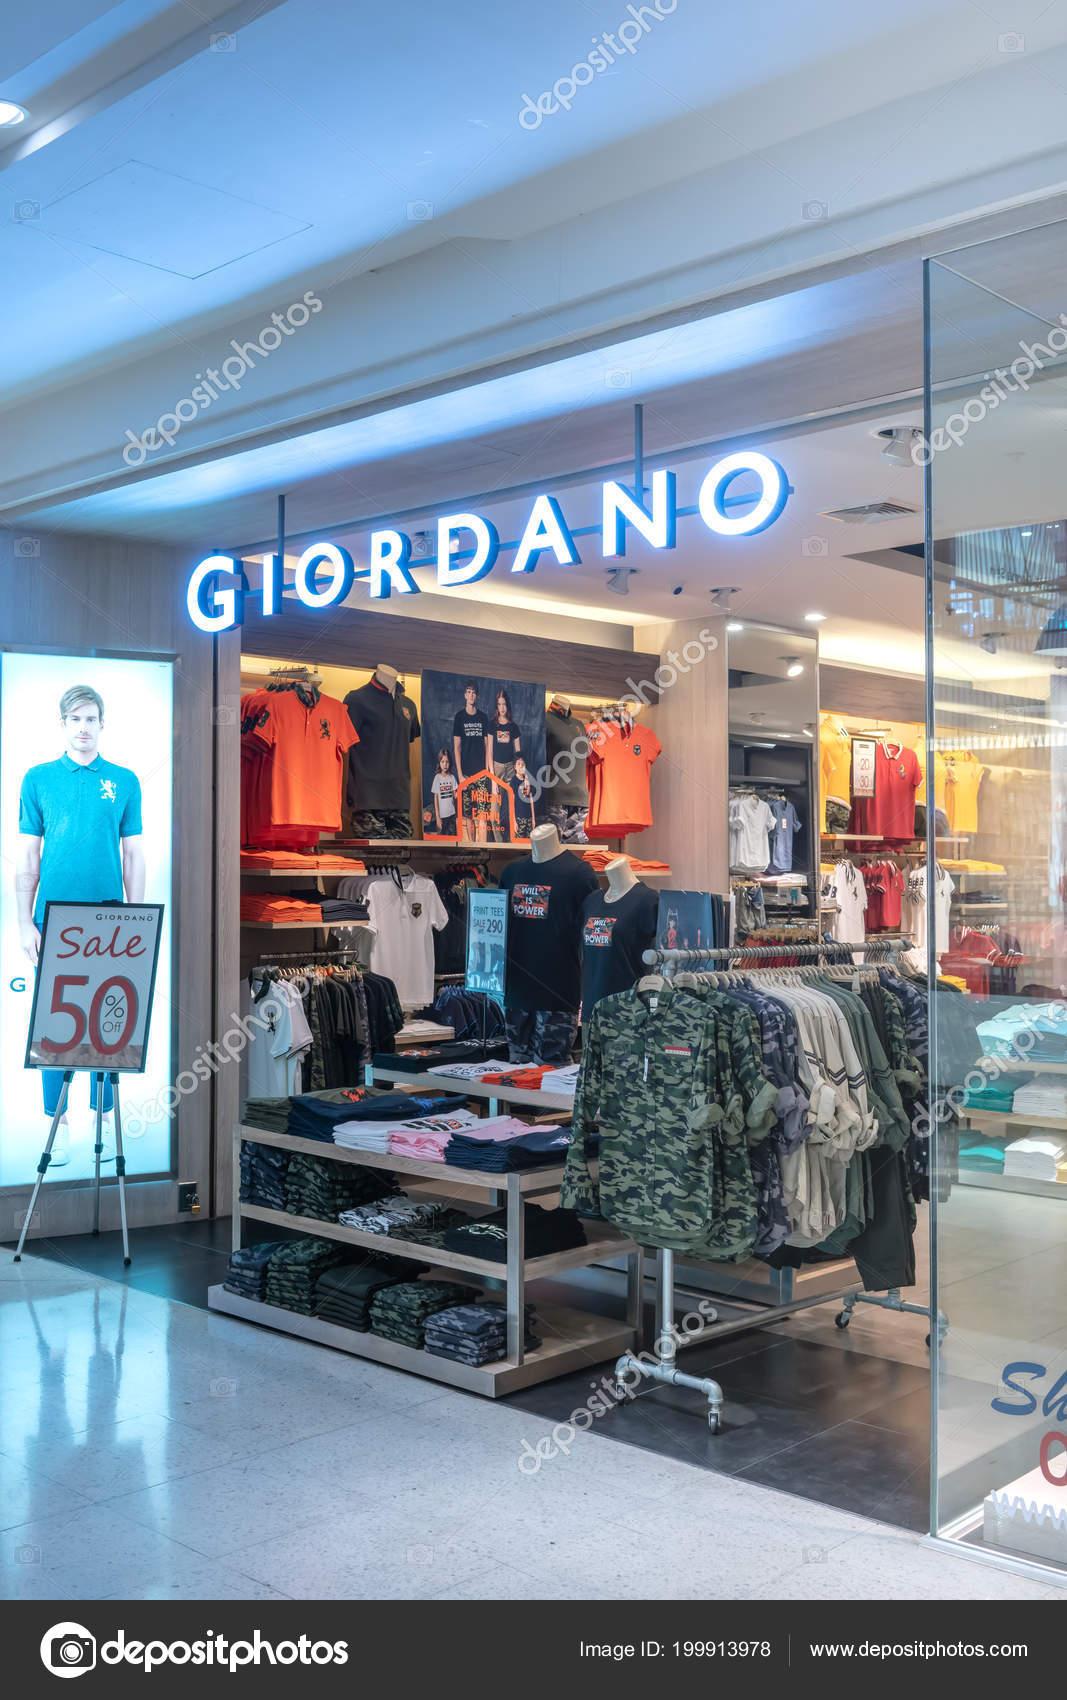 Giordano mega bangna   Giordano Shop Mega Bangna Bangkok